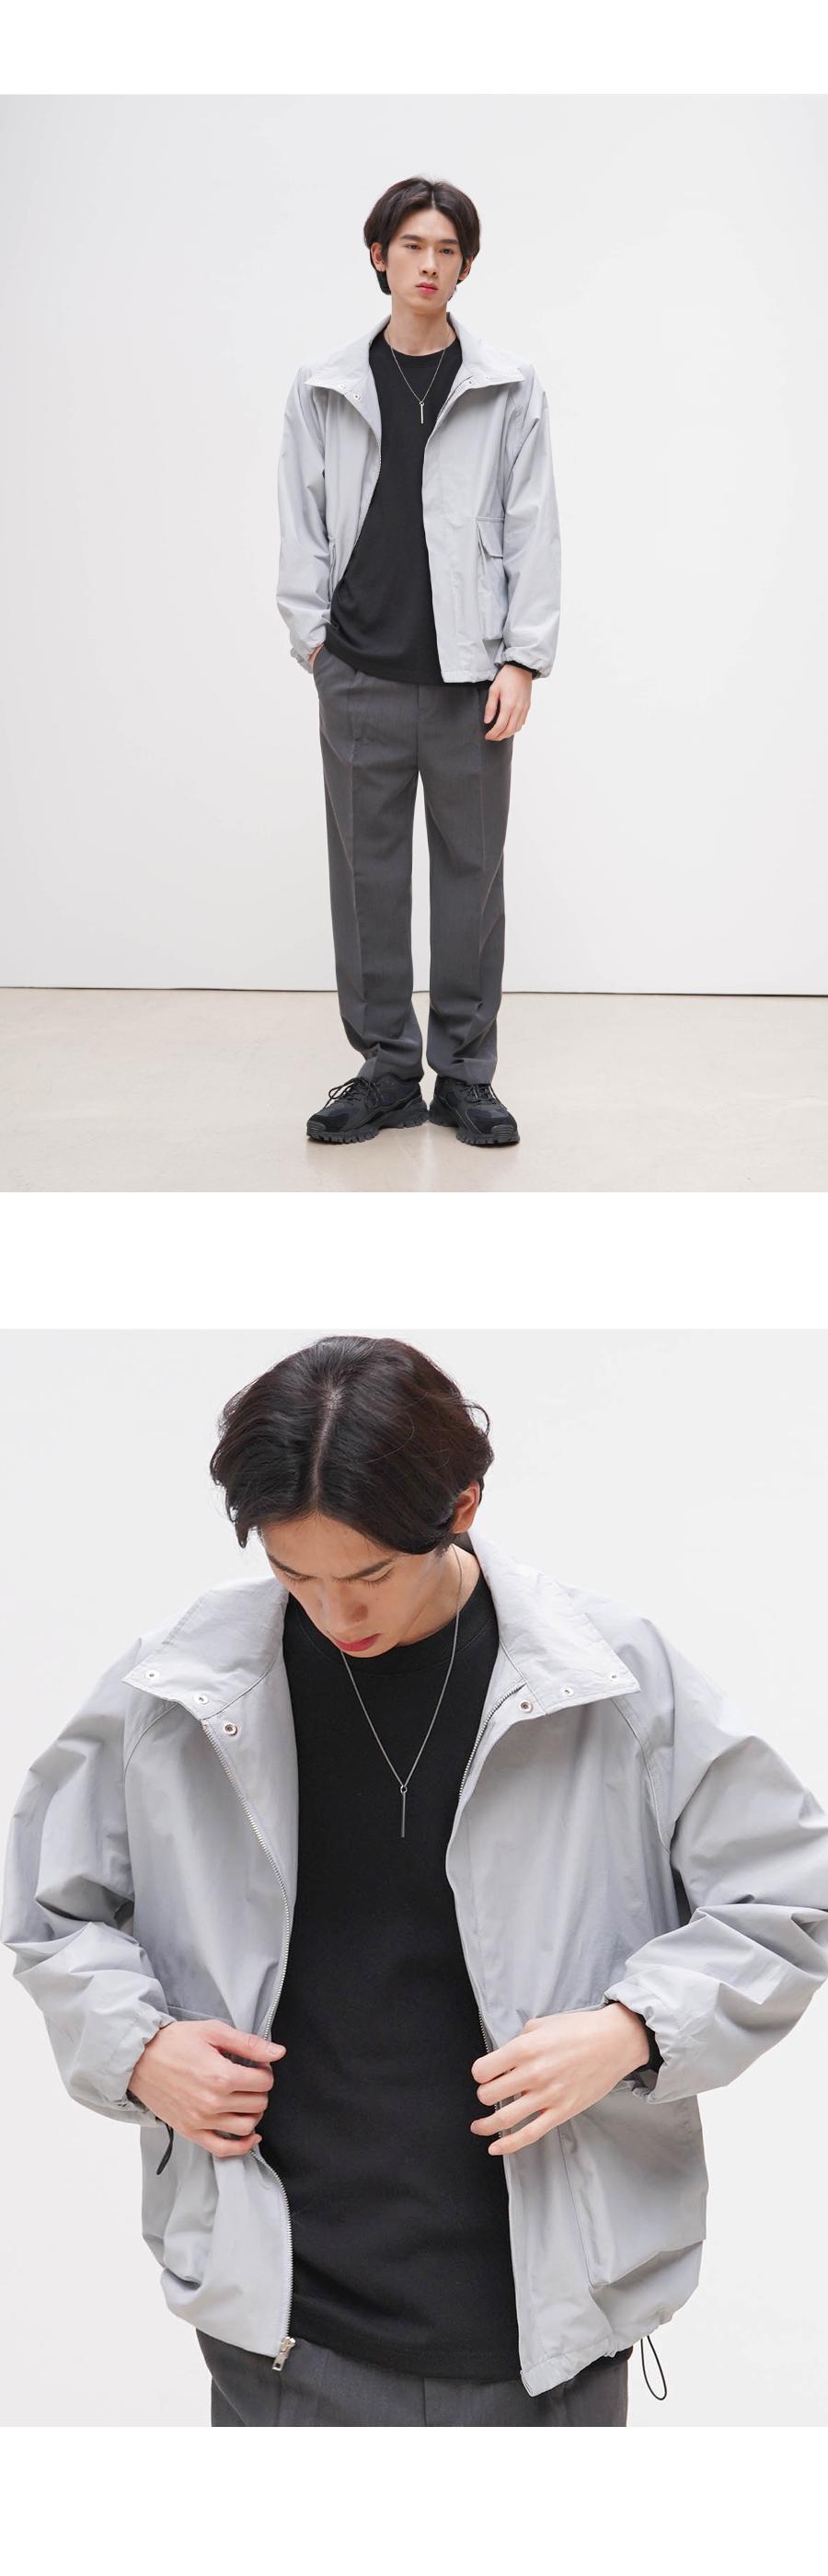 [제멋] 데일리 롱 슬리브 티셔츠 YHLT2276